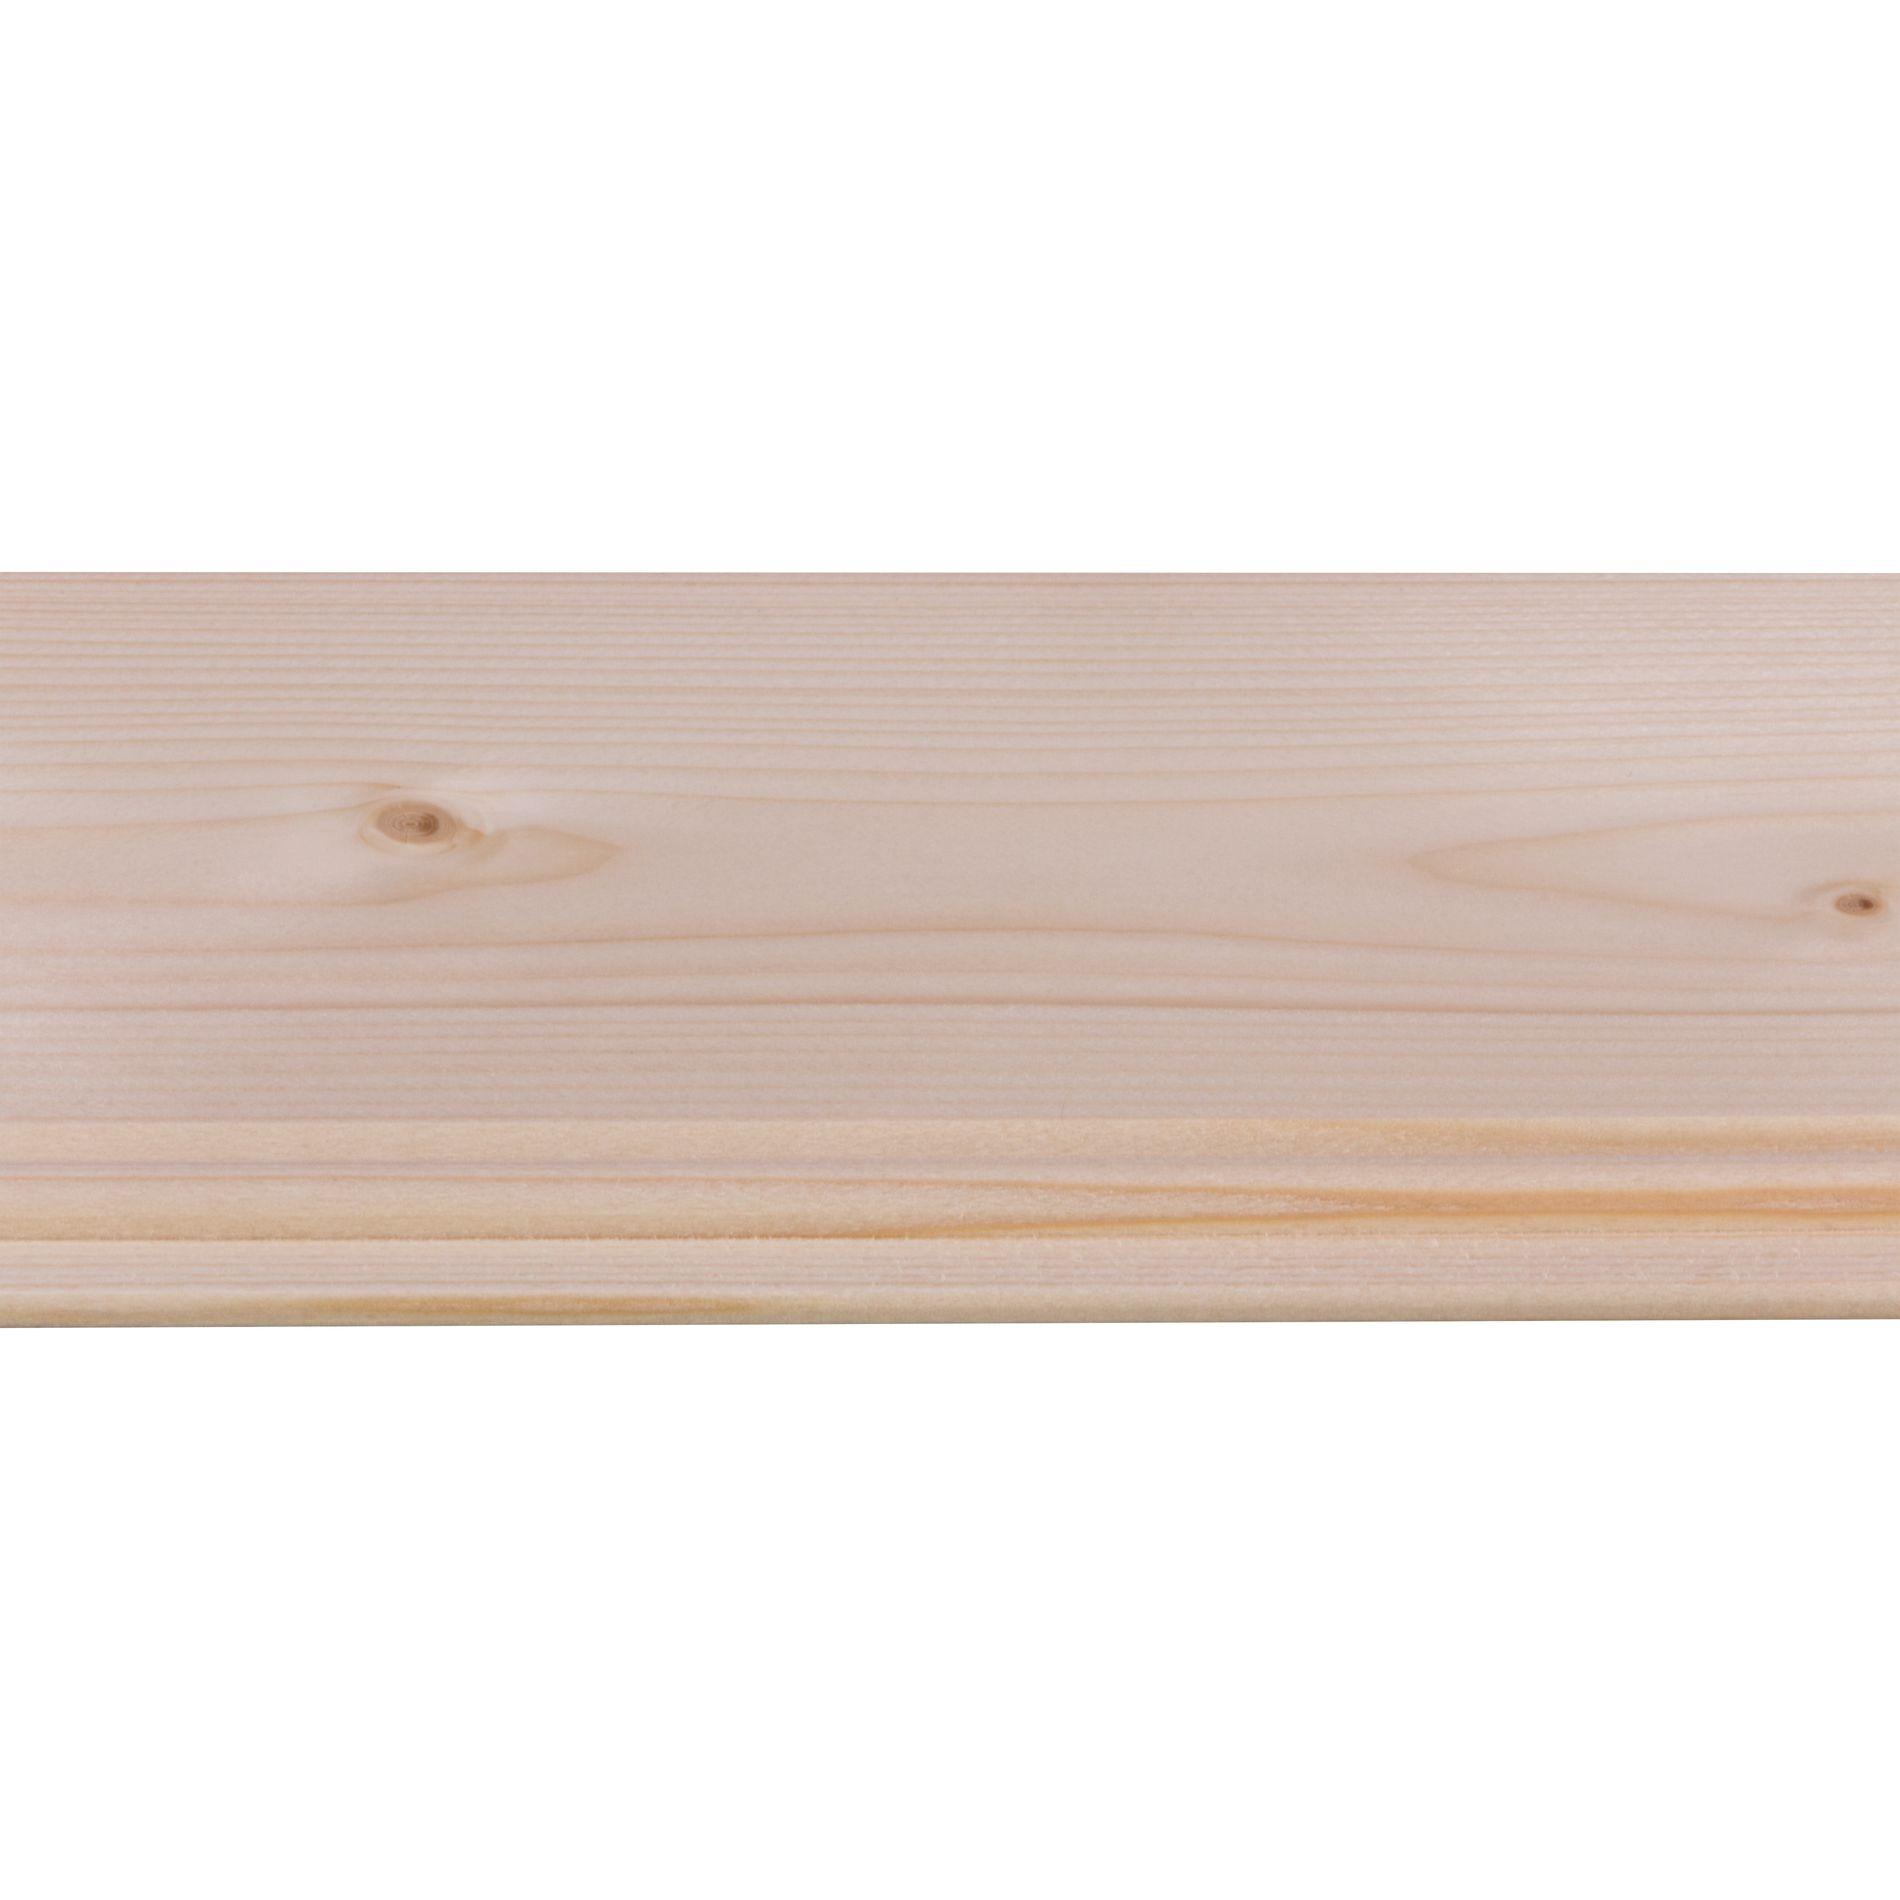 Recouvrir Du Lambris Bois lambris en bois de sapin blanc 270 x 13,2 x 1,2 cm 5 pièces cando -  mr.bricolage